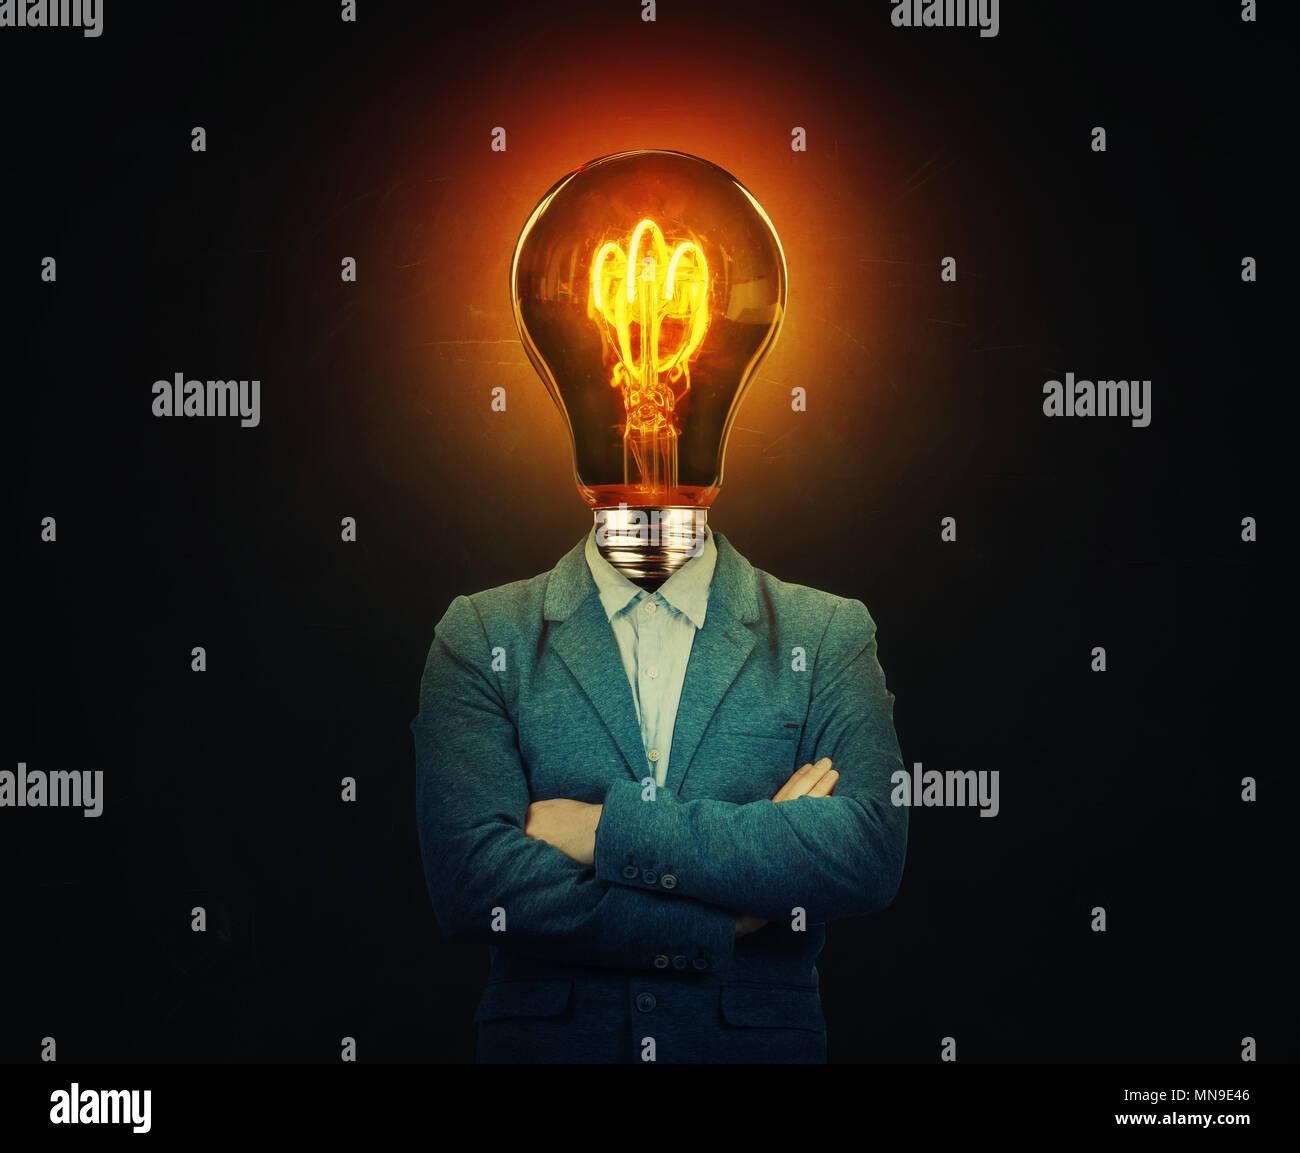 Imagen surrealista como un hombre de negocios serio, con una lámpara en lugar de su cabeza con manos cruzadas sobre fondo negro. Idea de negocio y creatividad símbolo. Imagen De Stock